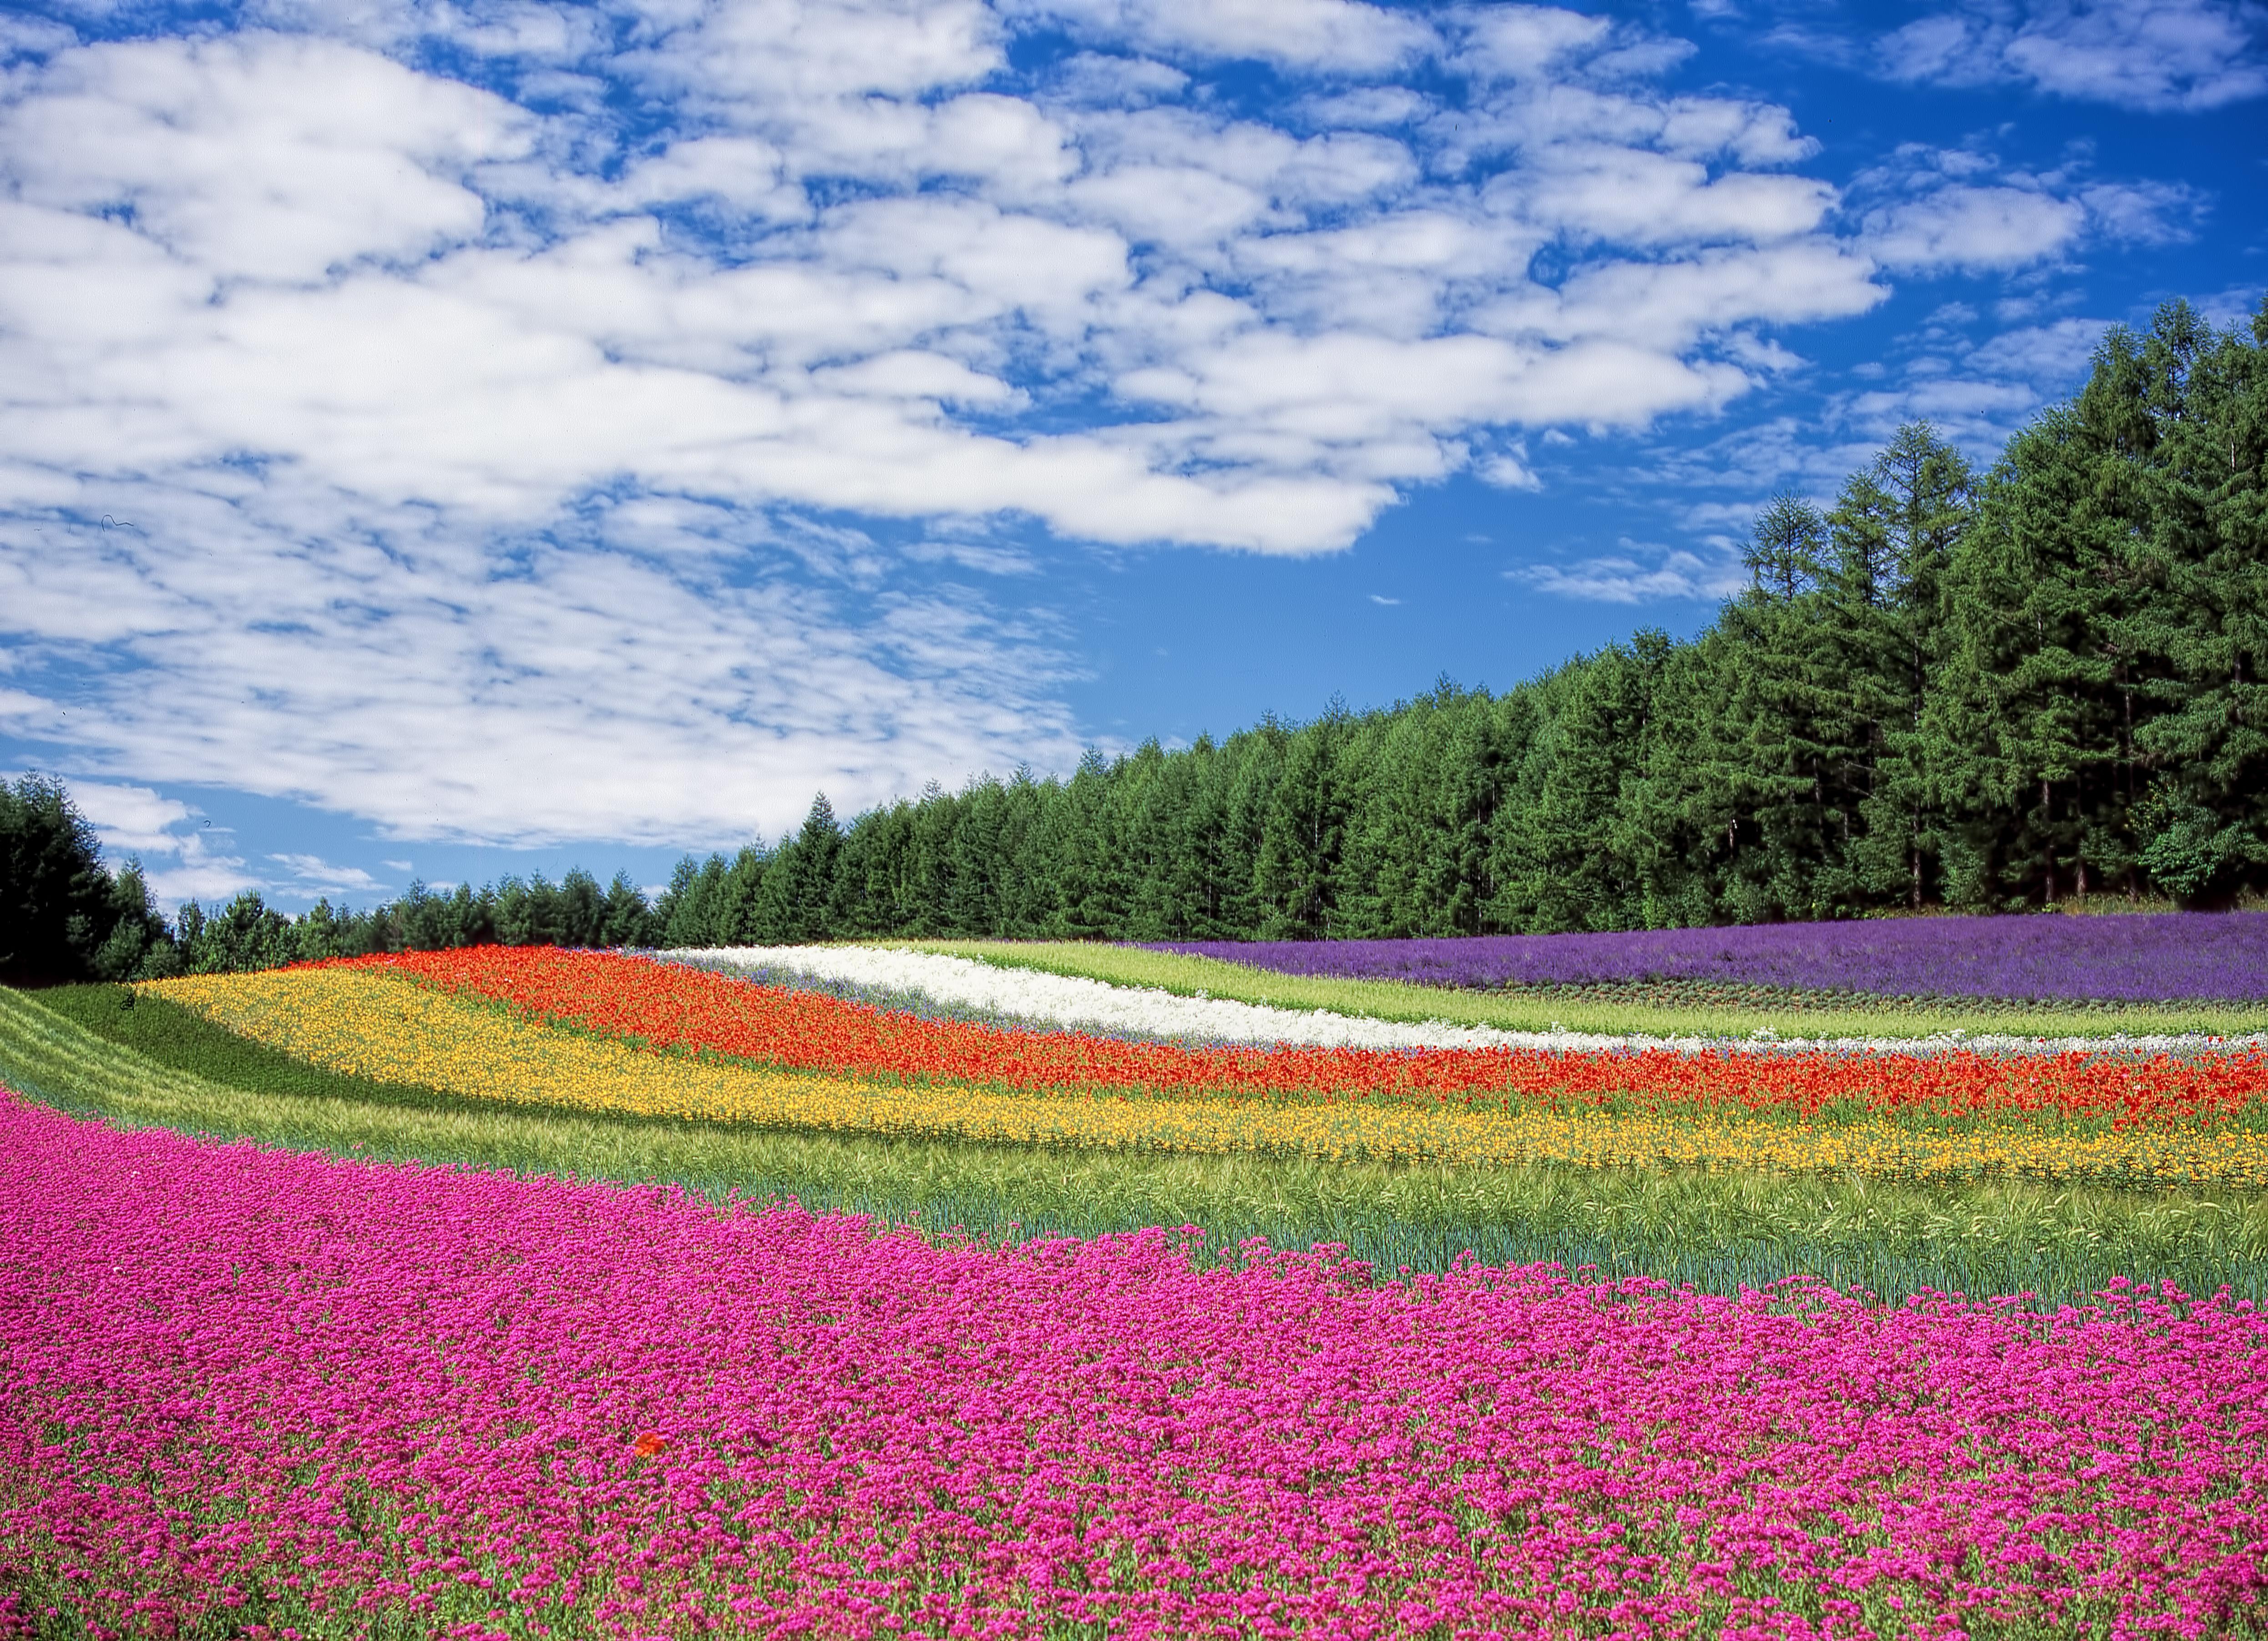 136787 скачать обои Природа, Хоккайдо, Япония, Поле, Цветы - заставки и картинки бесплатно